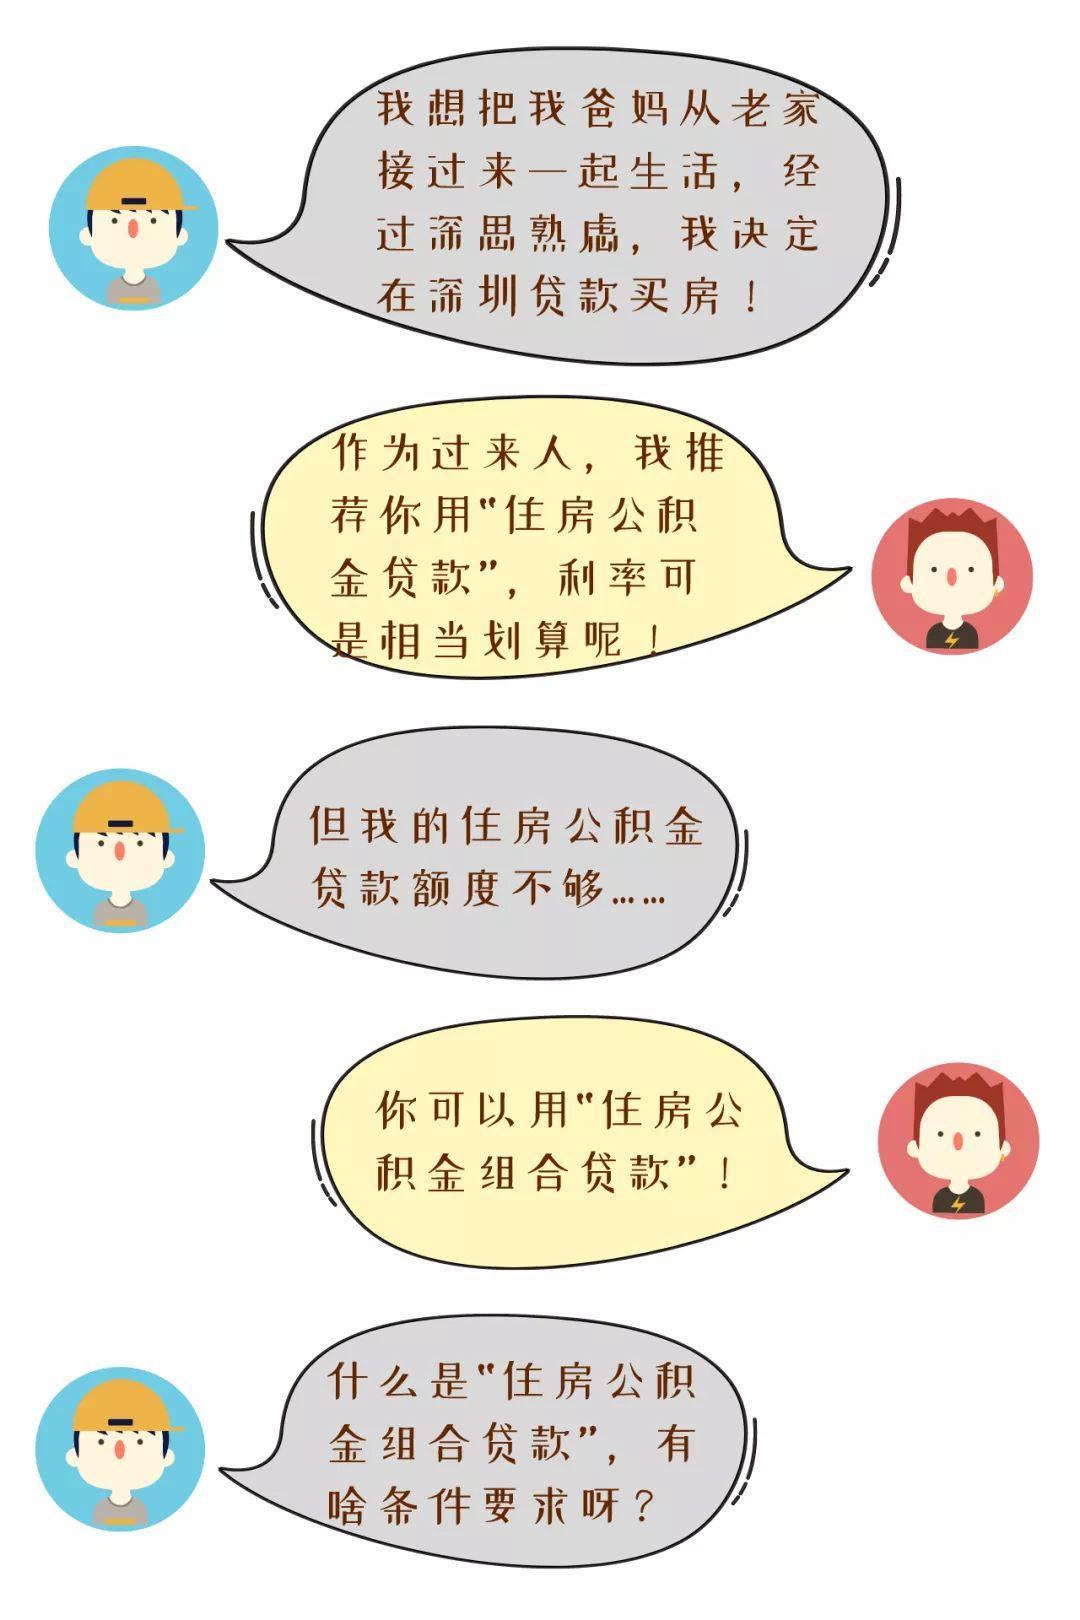 买房前你不可不知的事!深圳住房公积金组合贷款办理攻略! 公积金贷款 第1张